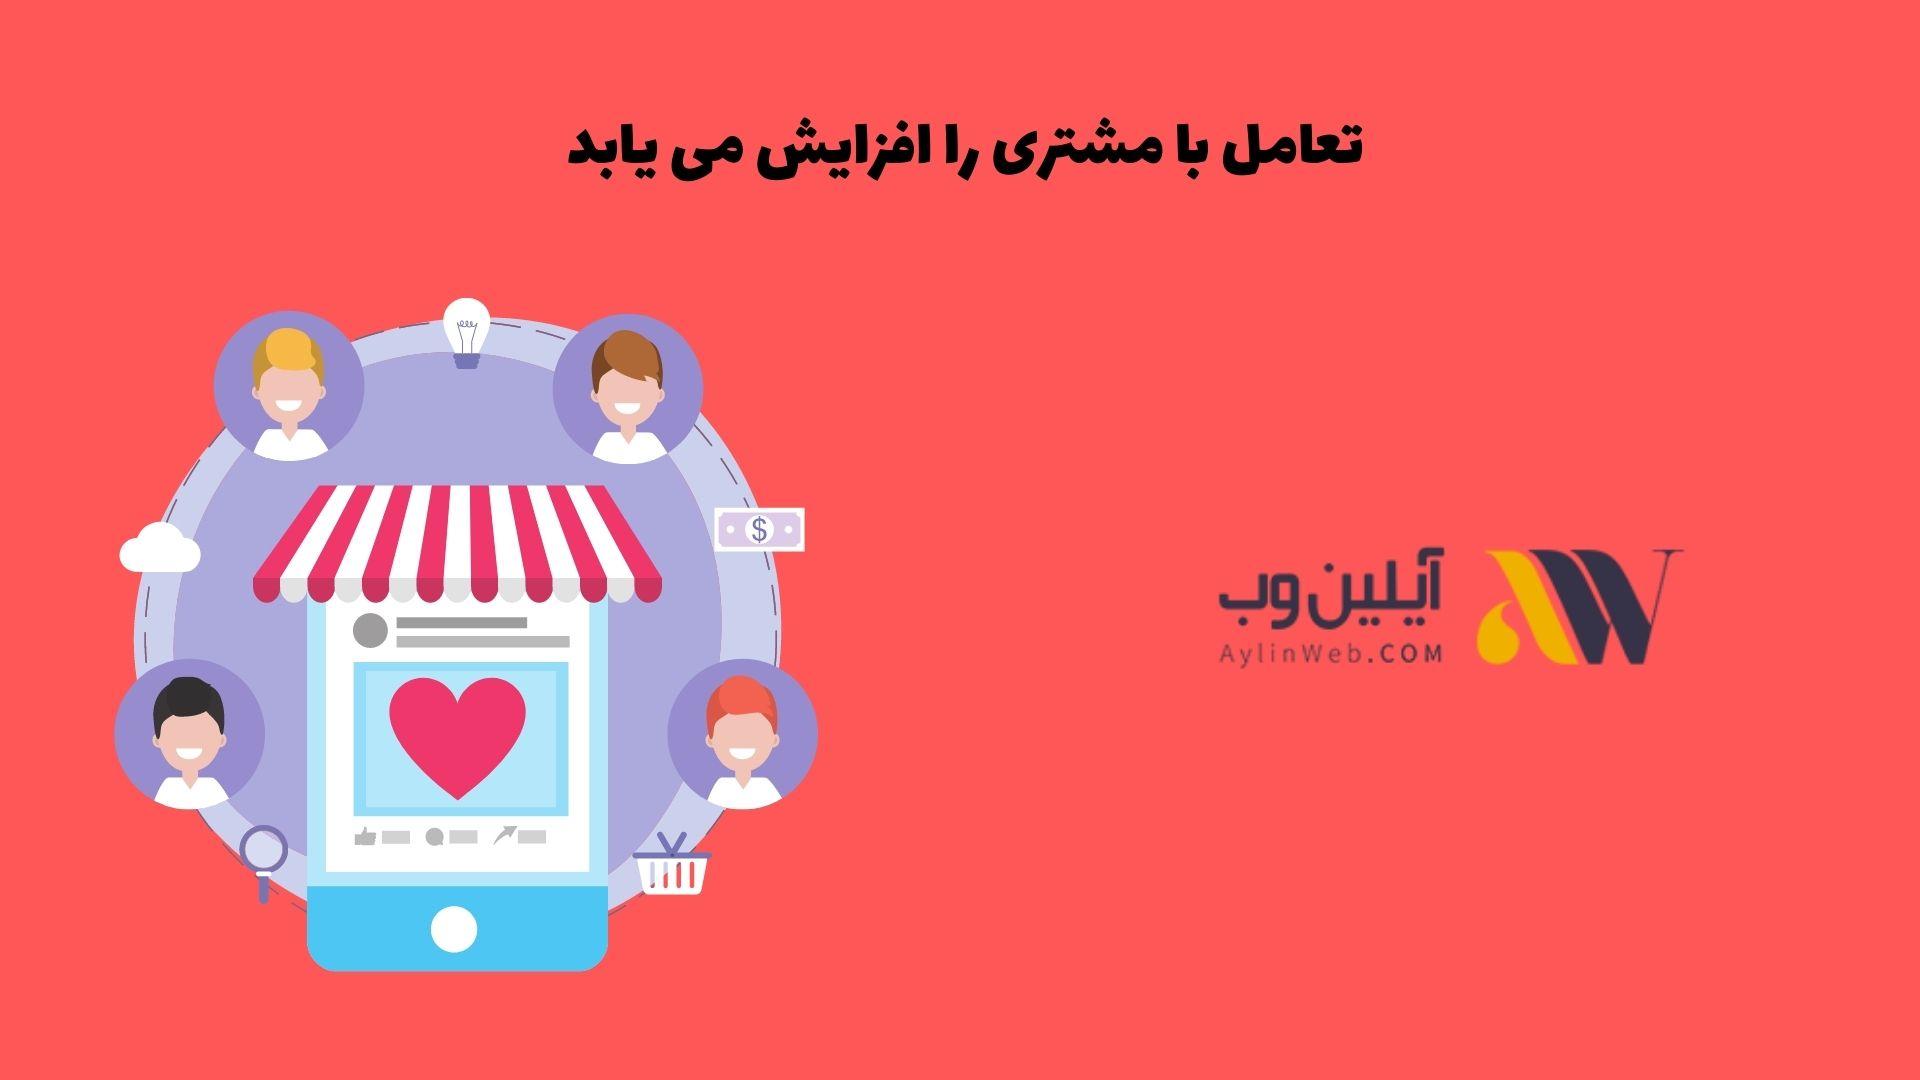 تعامل با مشتری افزایش می یابد